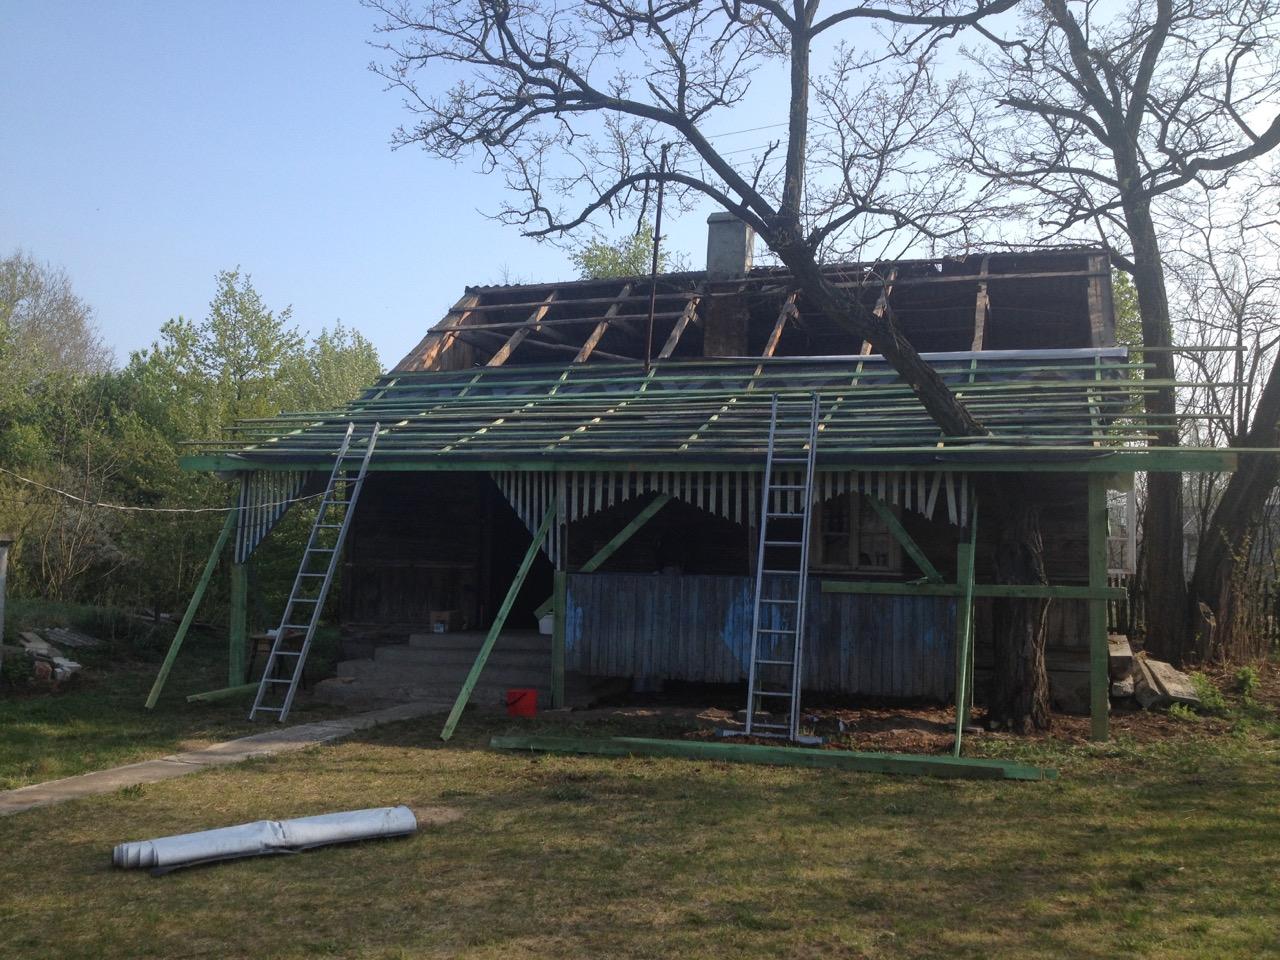 remont dachu na starej chałupie